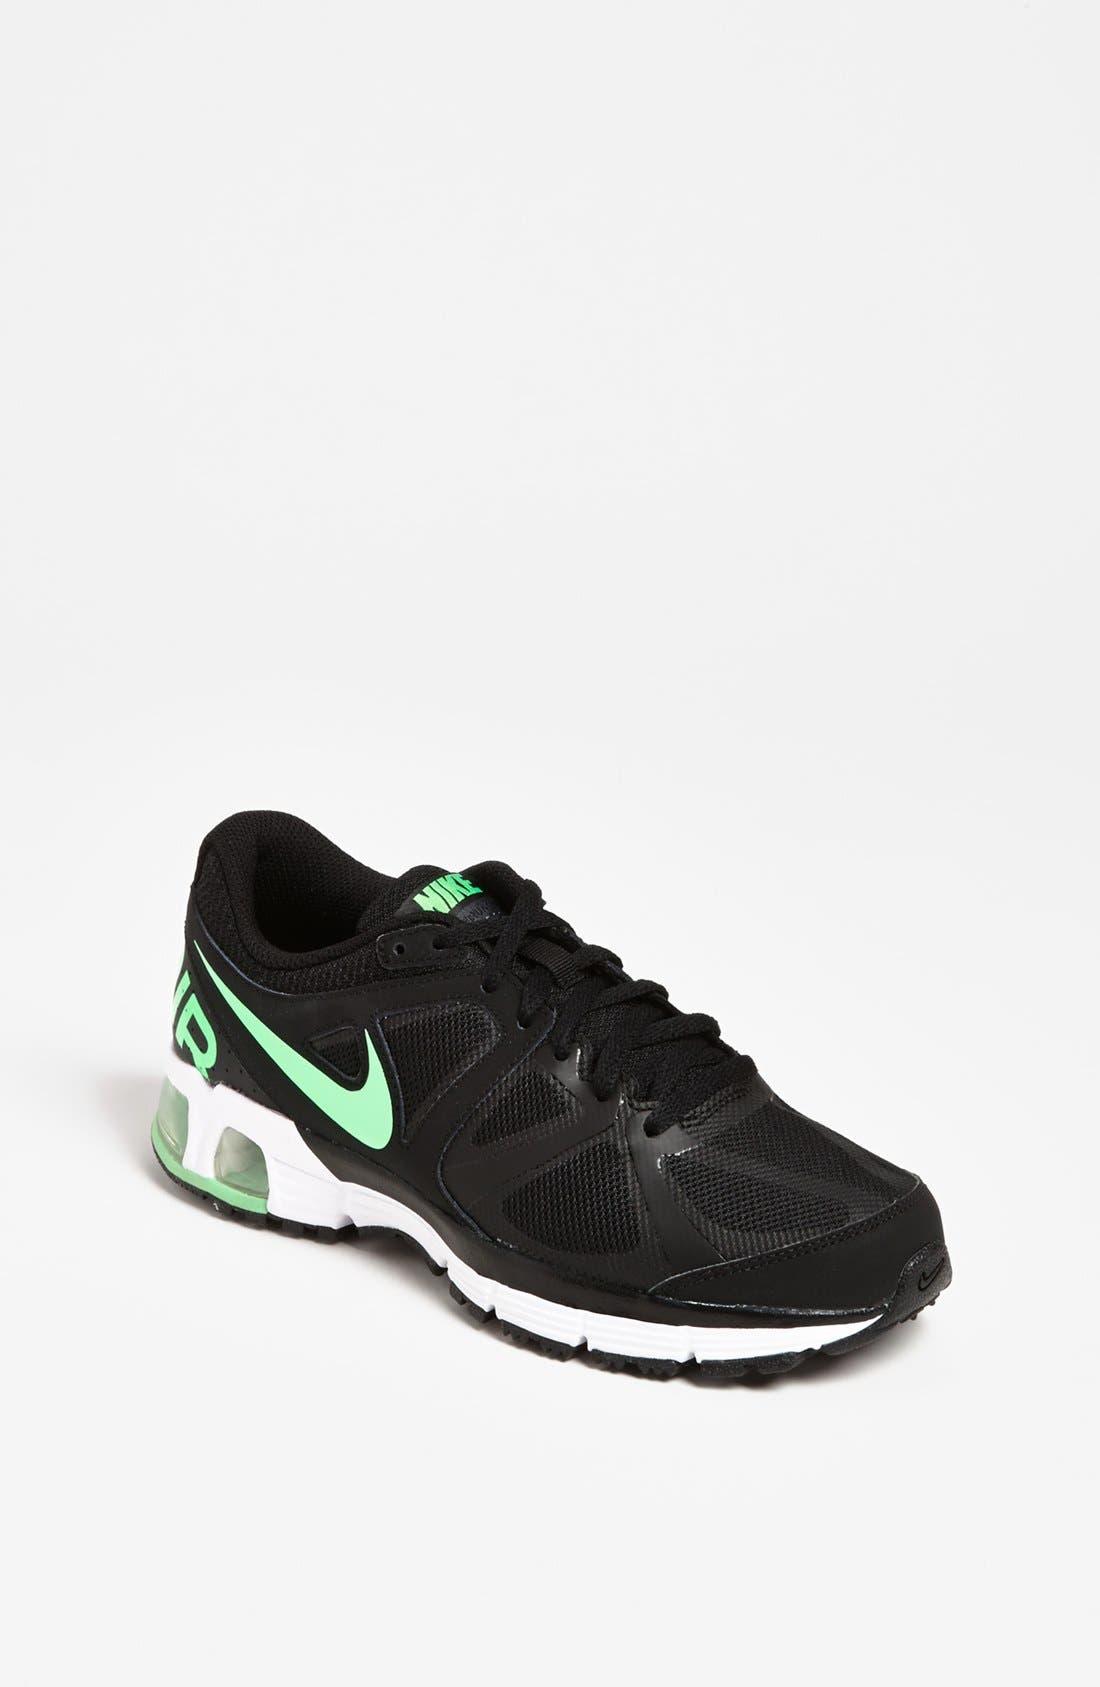 Main Image - Nike 'Air Max Run Lite 4' Athletic Shoe (Big Kid)